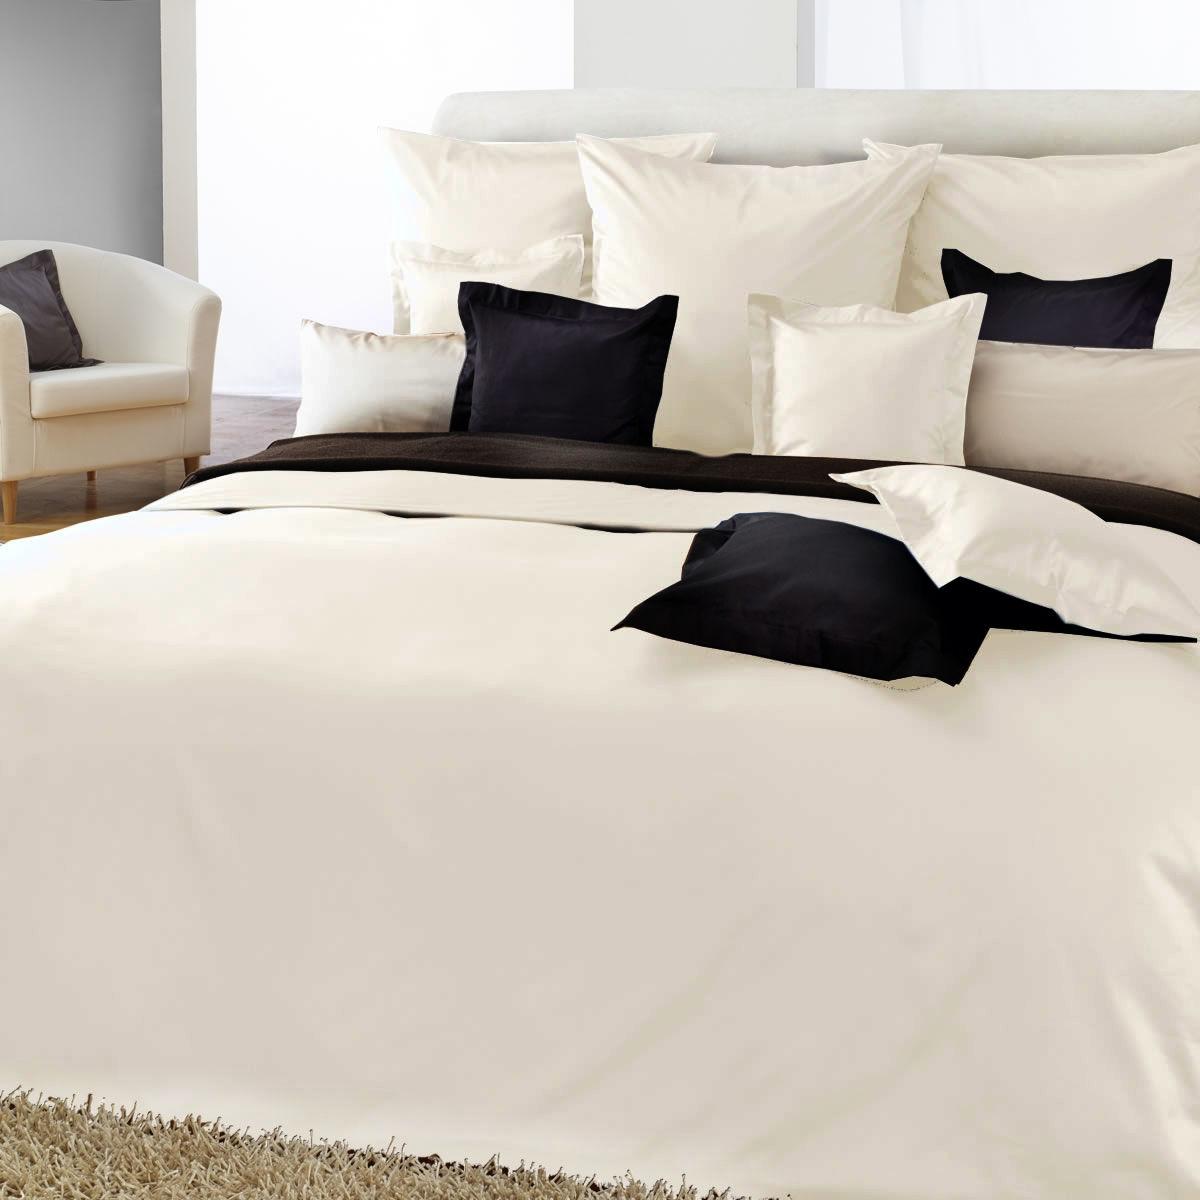 curt bauer uni mako satin bettw sche 155x200 cm in verschiedenen farben ebay. Black Bedroom Furniture Sets. Home Design Ideas